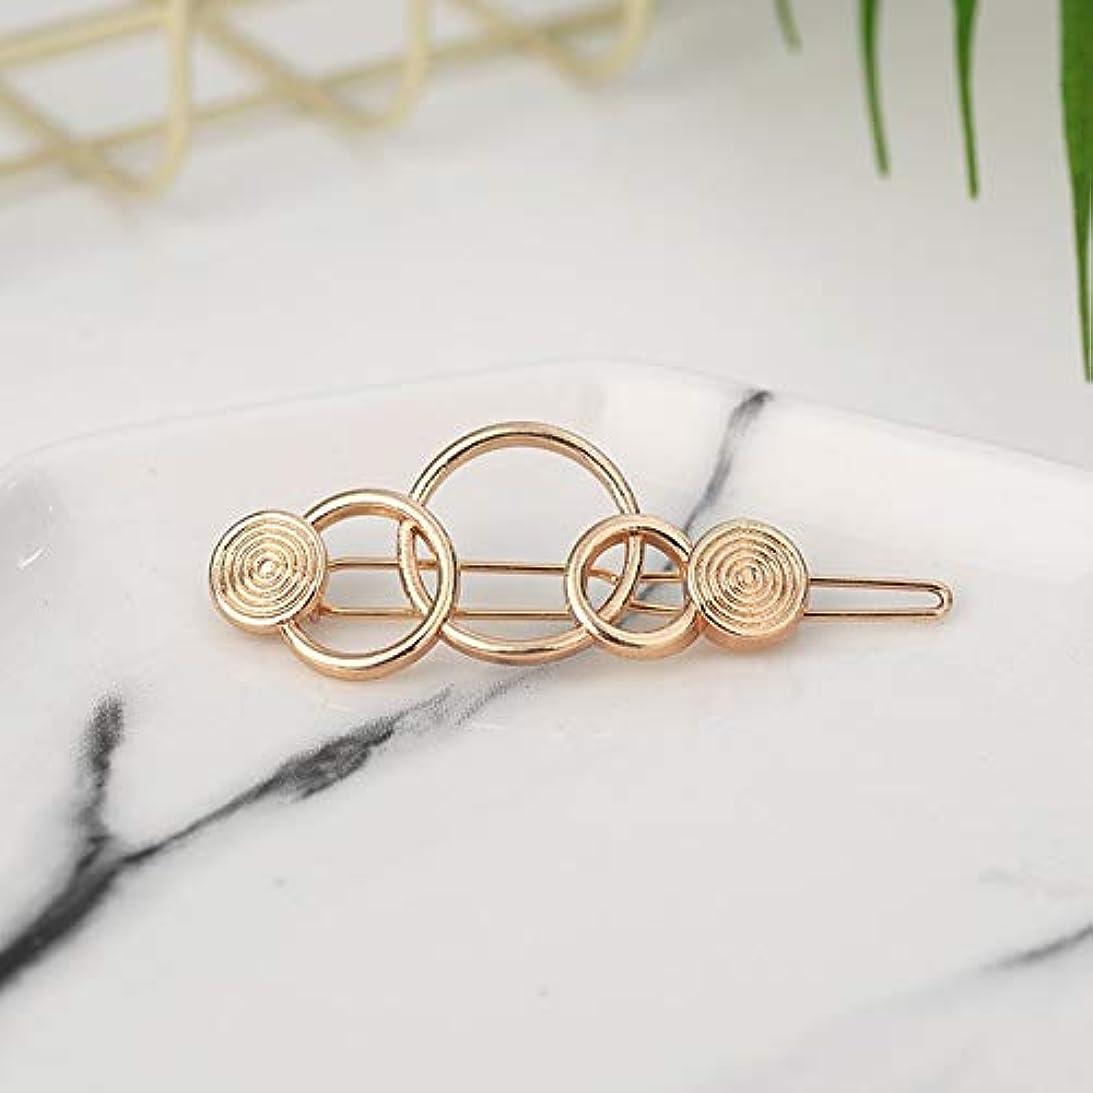 ブルーベルビュッフェ任命フラワーヘアピンFlowerHairpin YHM 2ピースファッション女性ヘアアクセサリートライアングルヘアクリップピンメタル幾何学的合金ヘアバンド(ムーンゴールド) (色 : Three-ring gold)